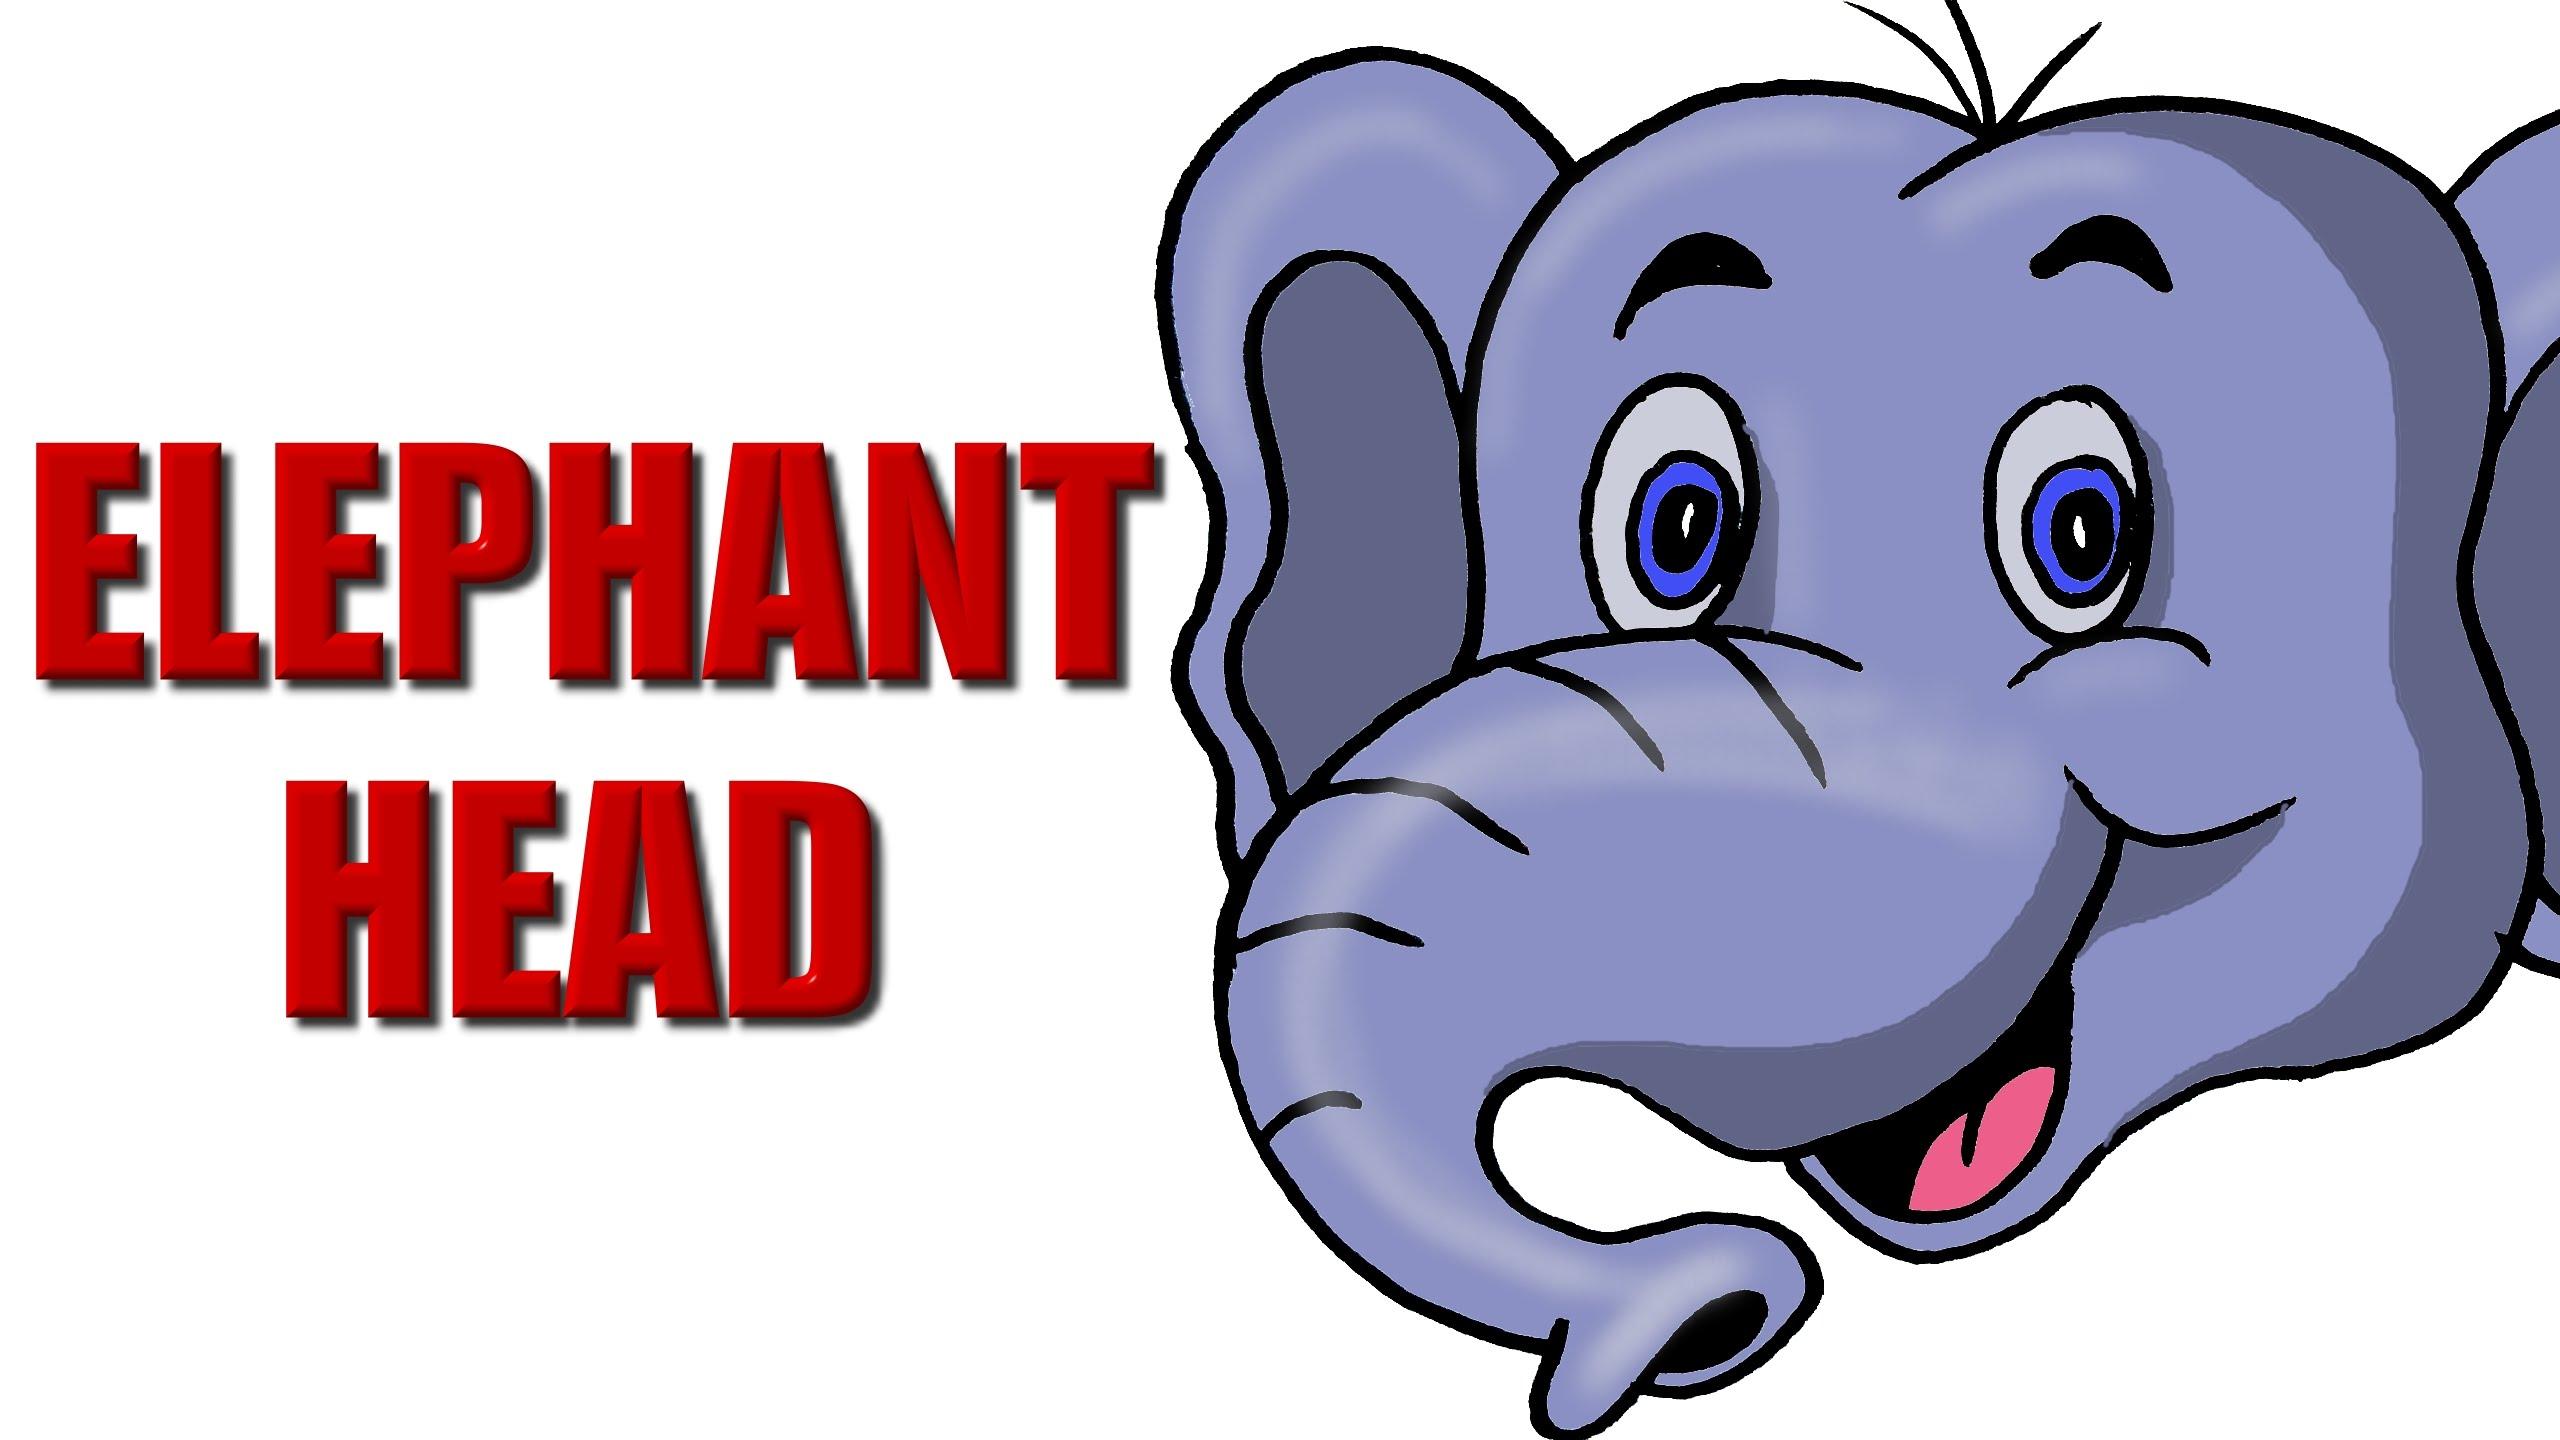 2560x1440 How To Draw A Elephant Head